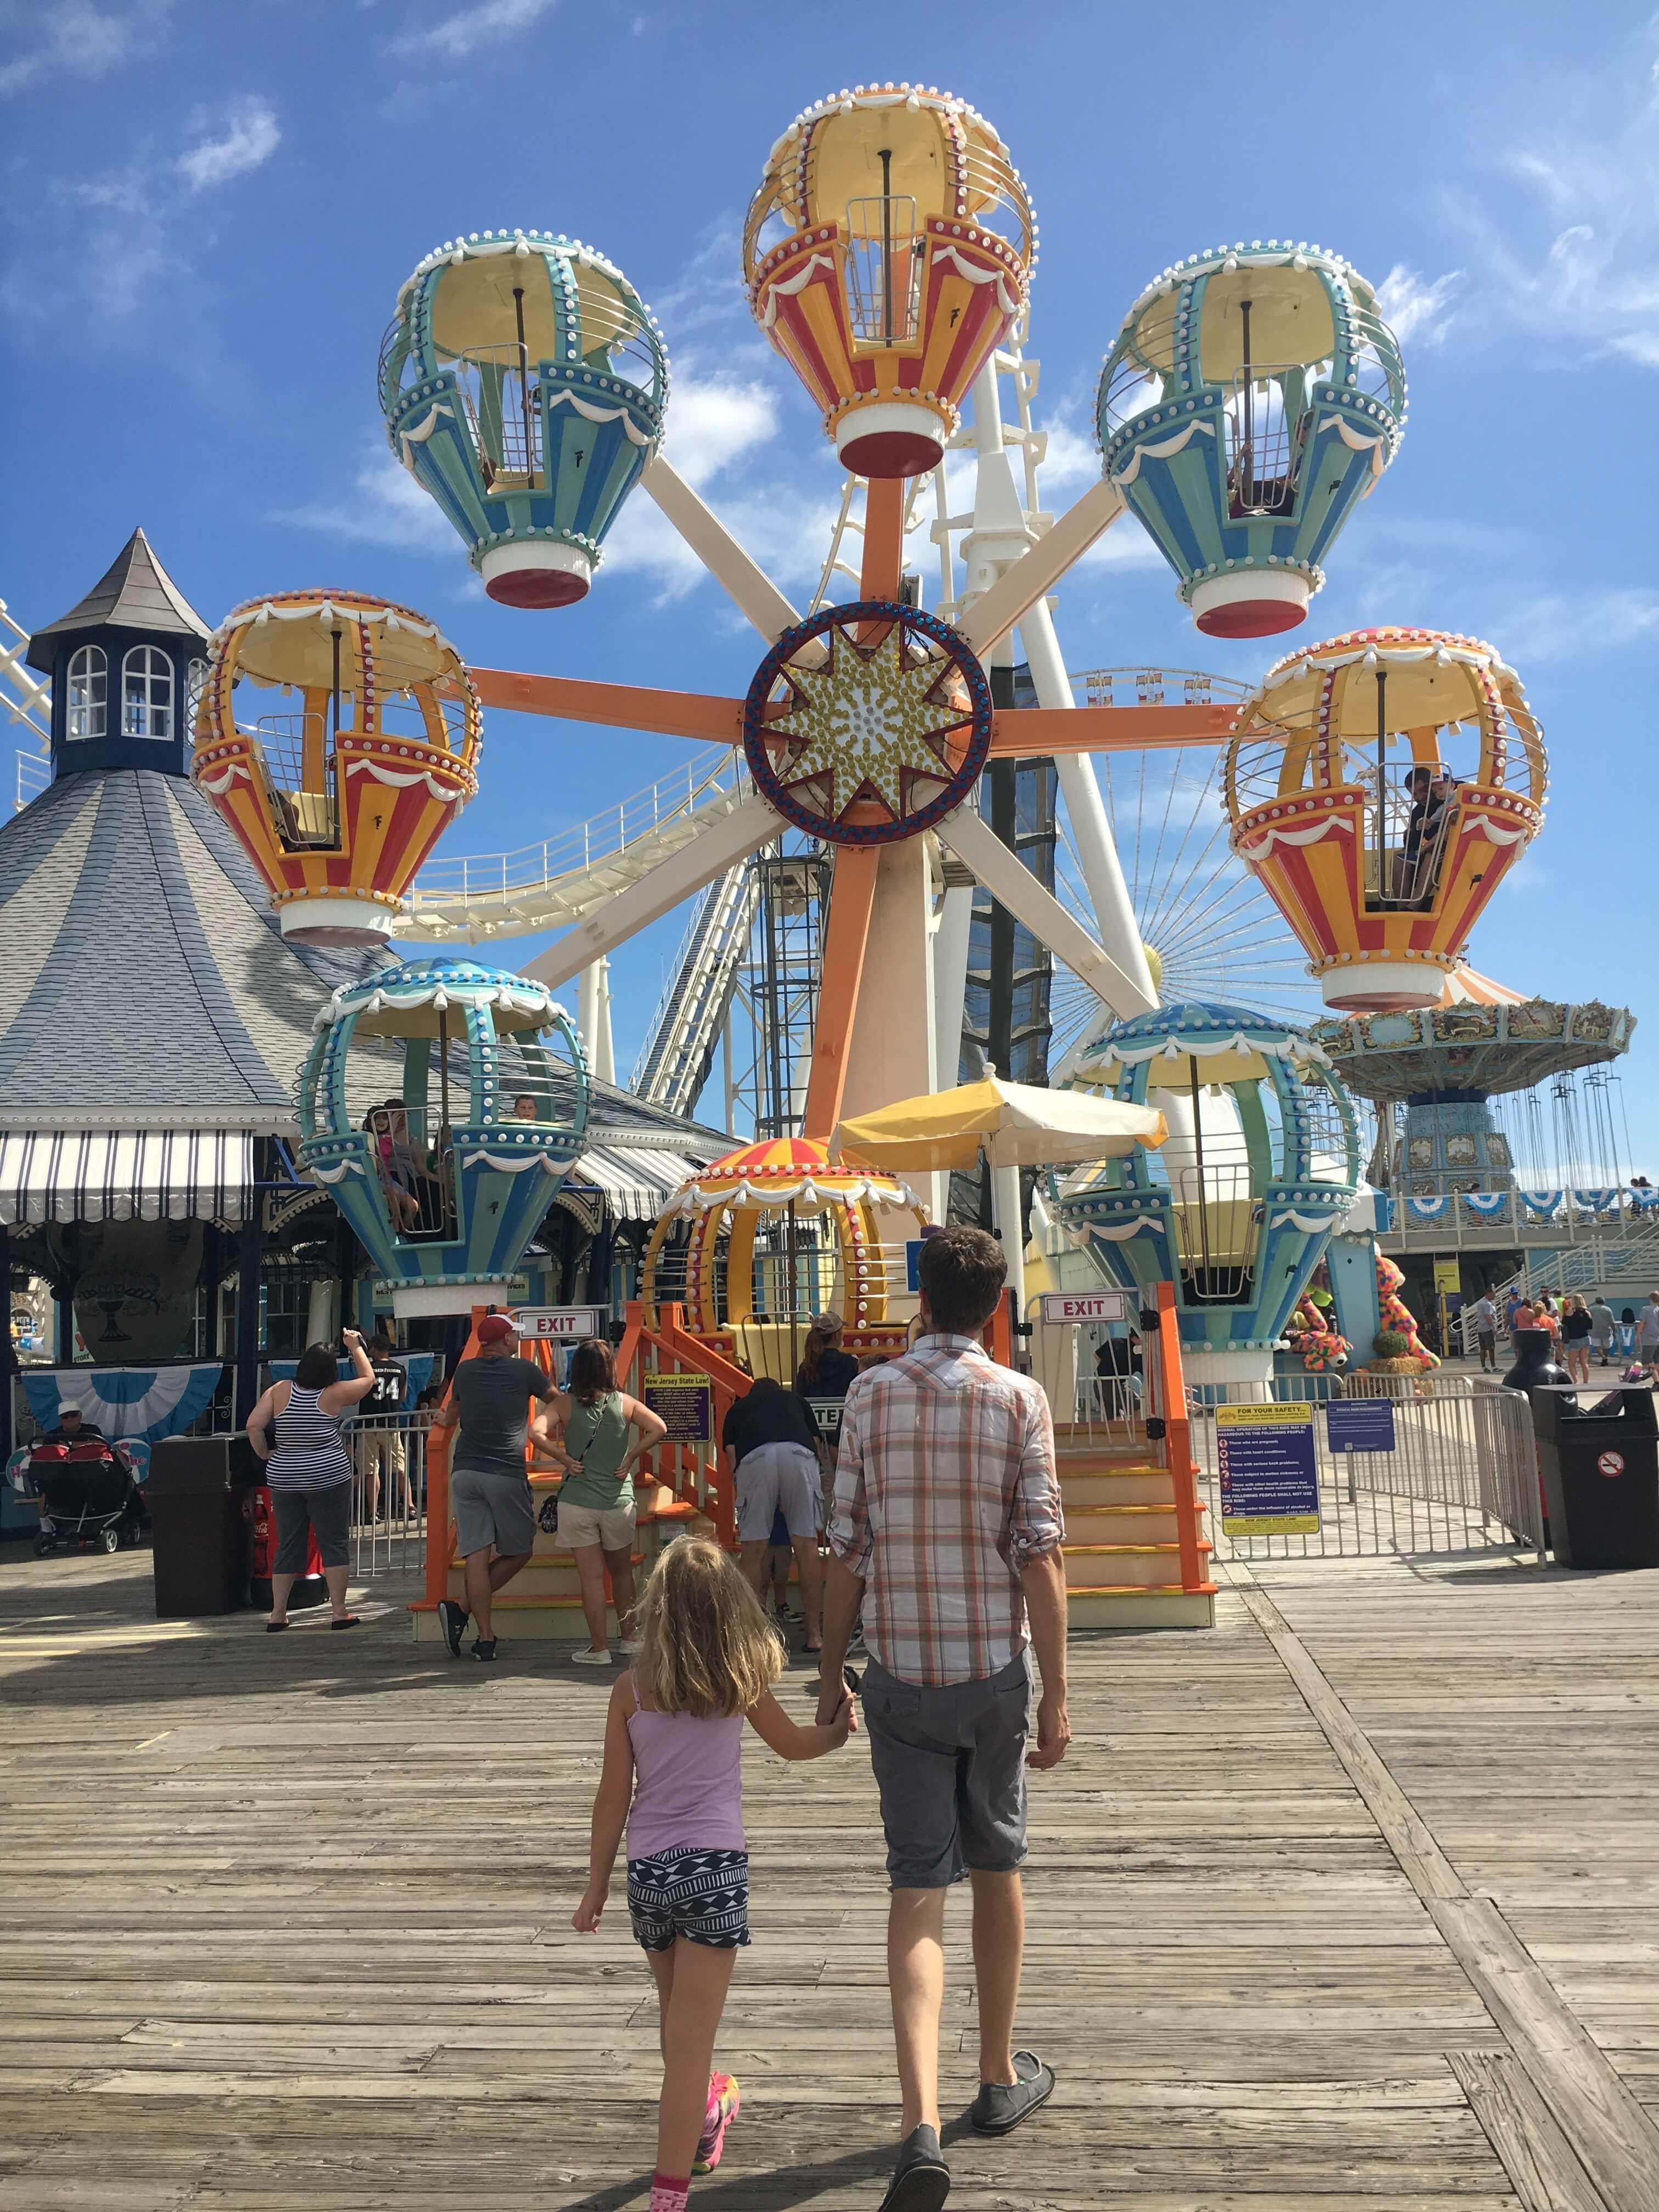 Fall Fun at Morey's Piers rides